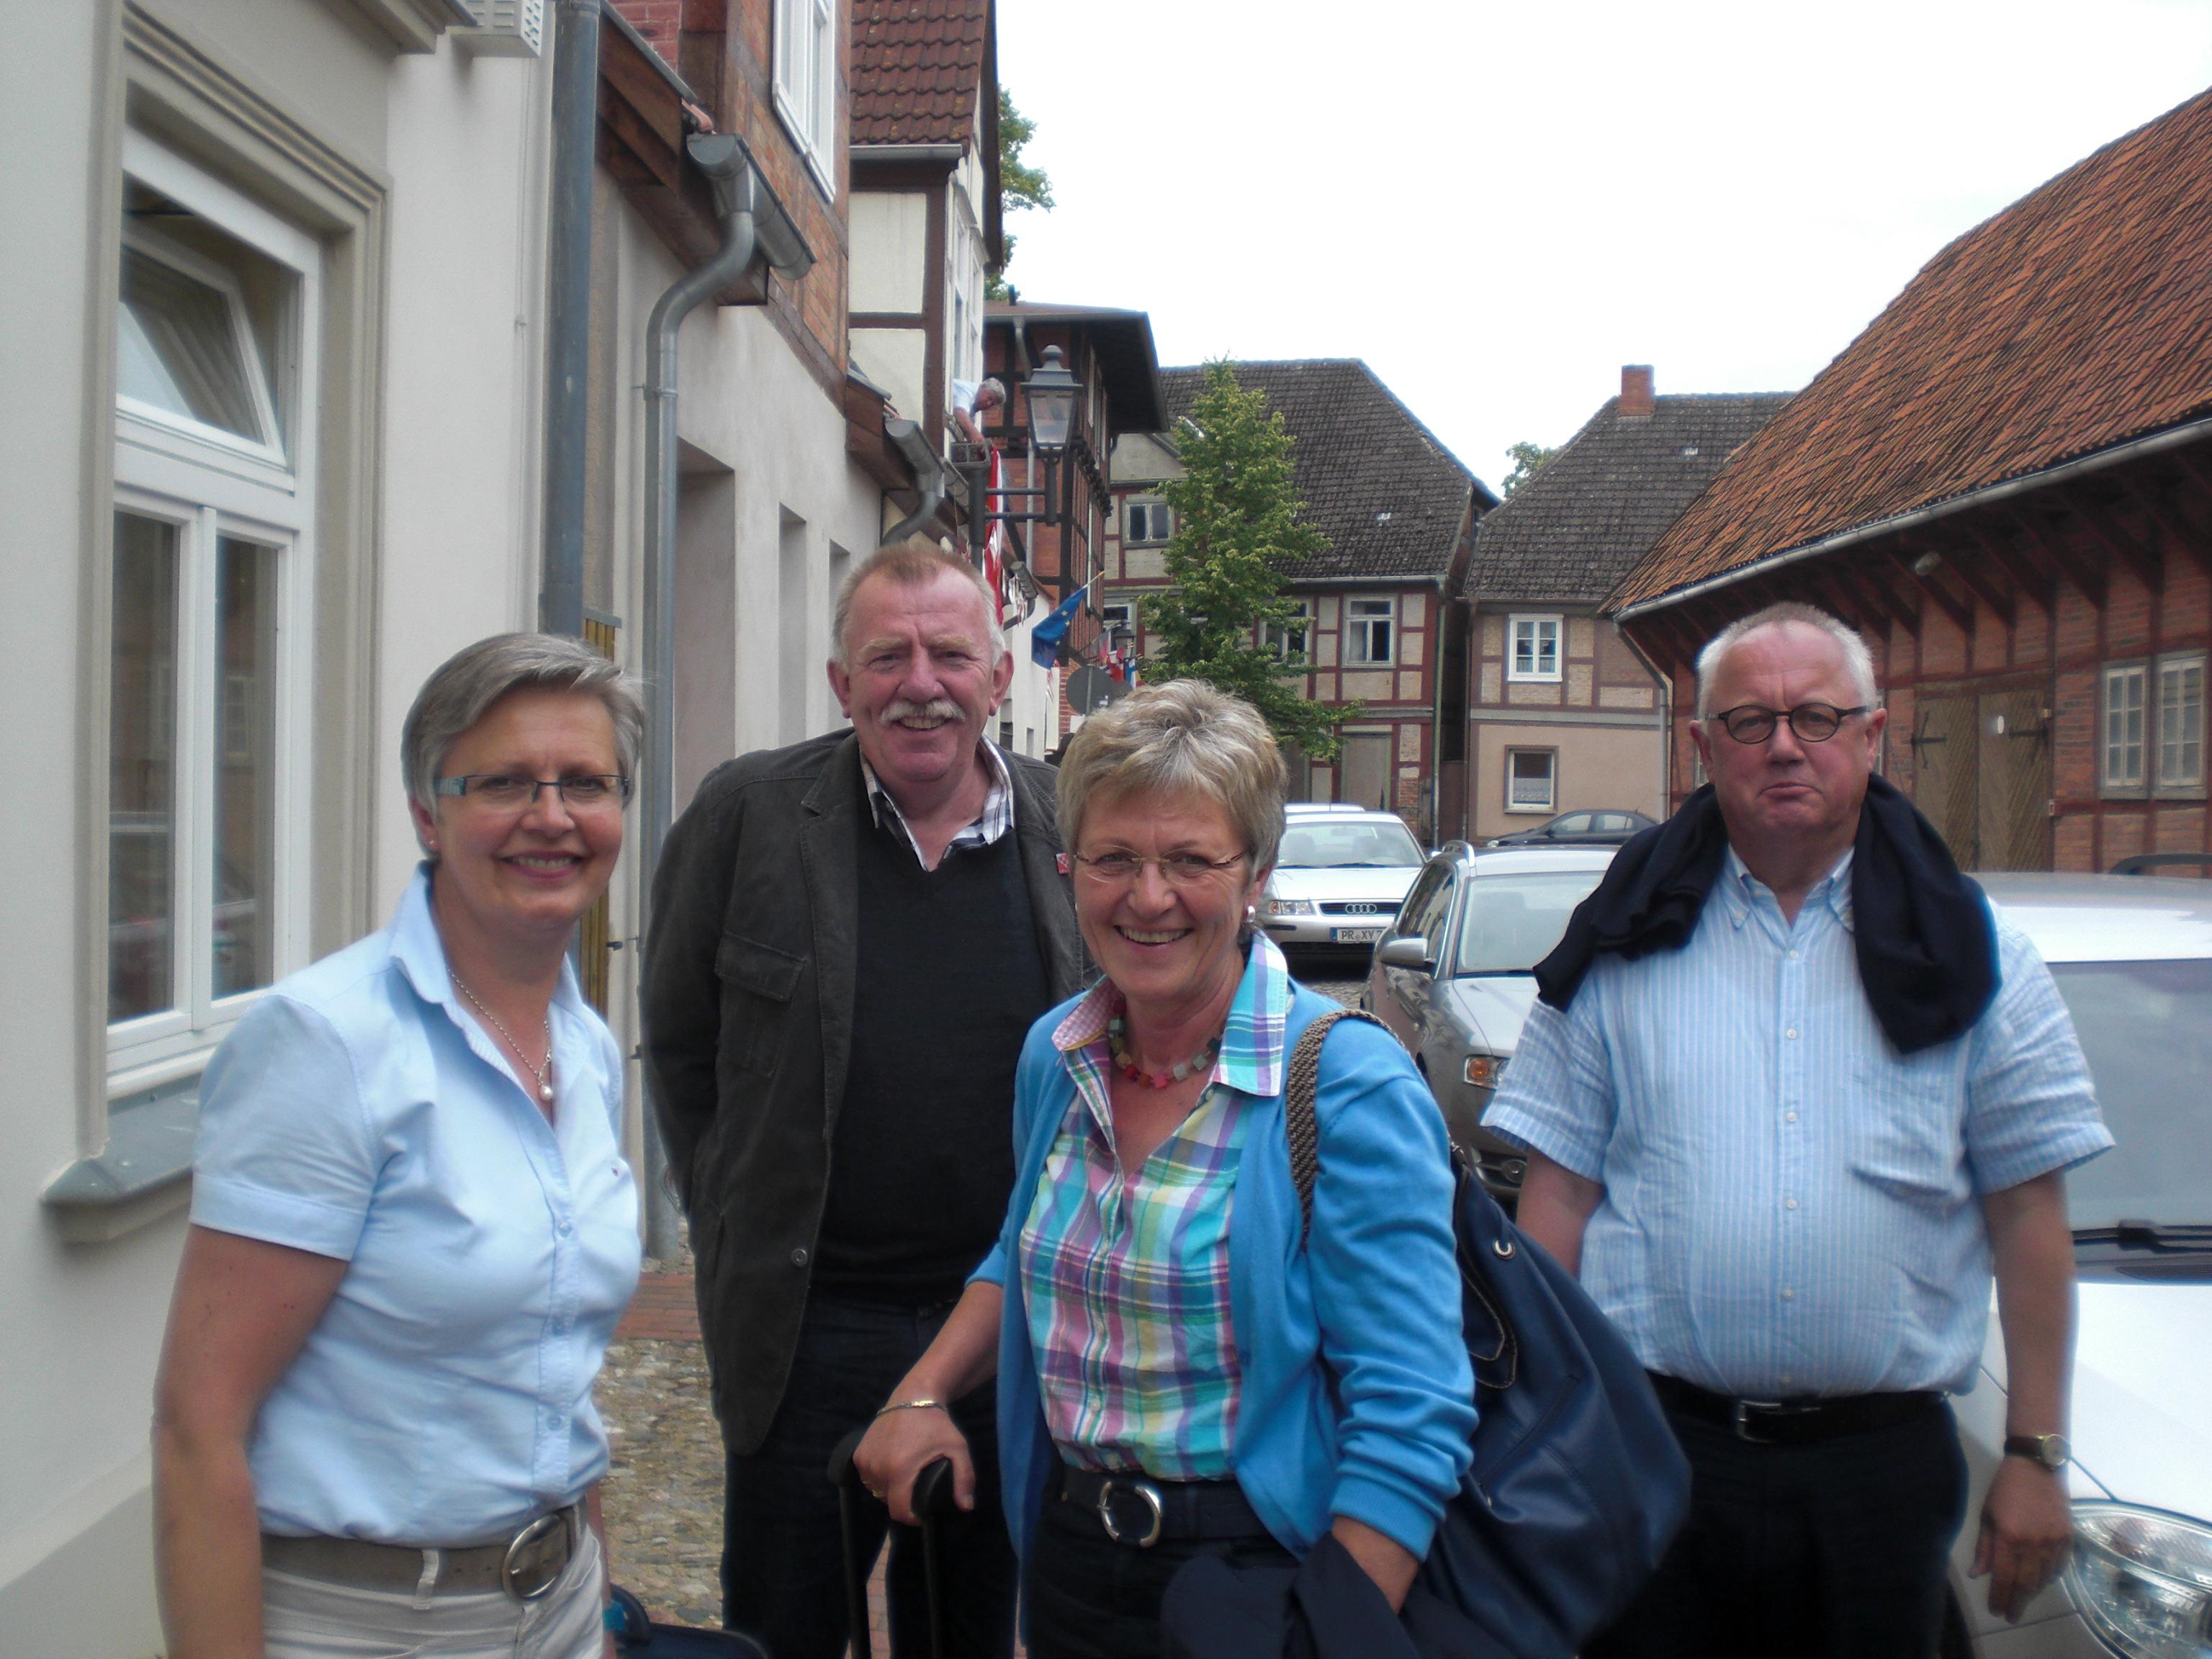 Delegation der Raesfelder CDU in Dömitz vl: Maria Brömmel, Werner Brand, stv. BM Inge Lütten und Jochen Welsing